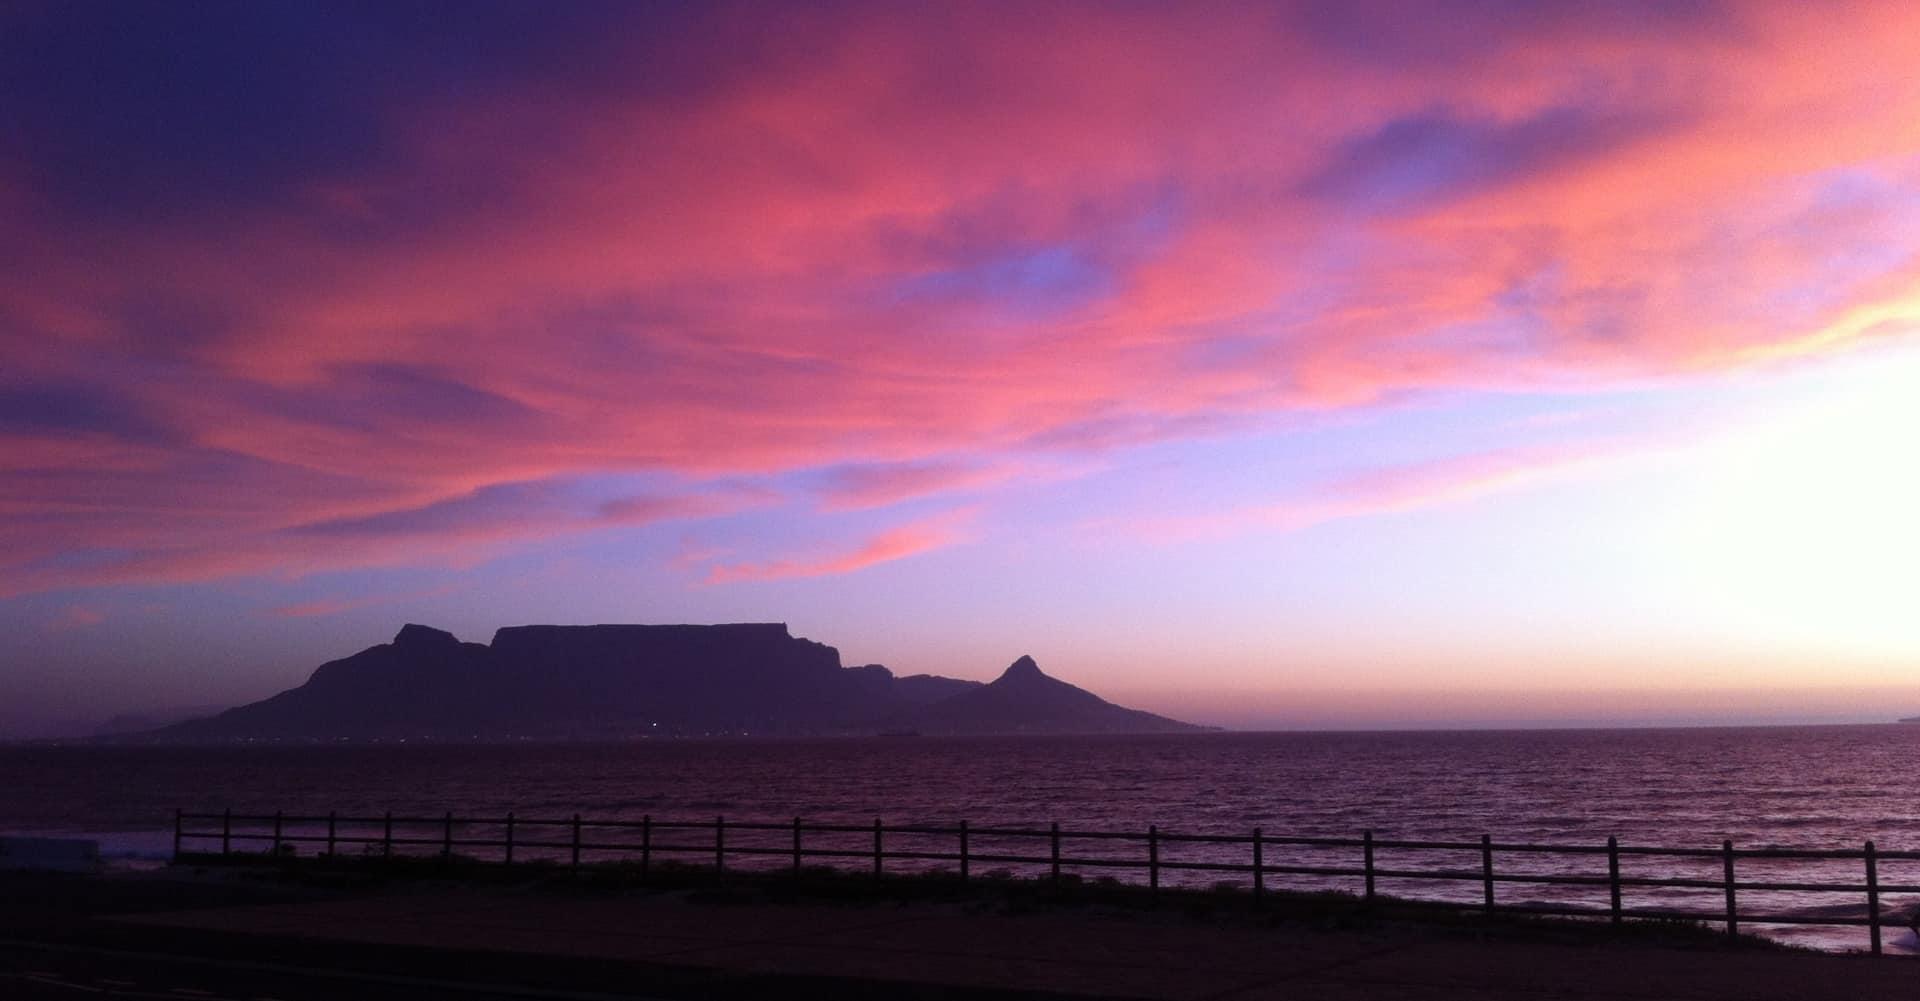 Sonnenuntergang Tafelberg Kapstadt - sunset at table mountain cape town